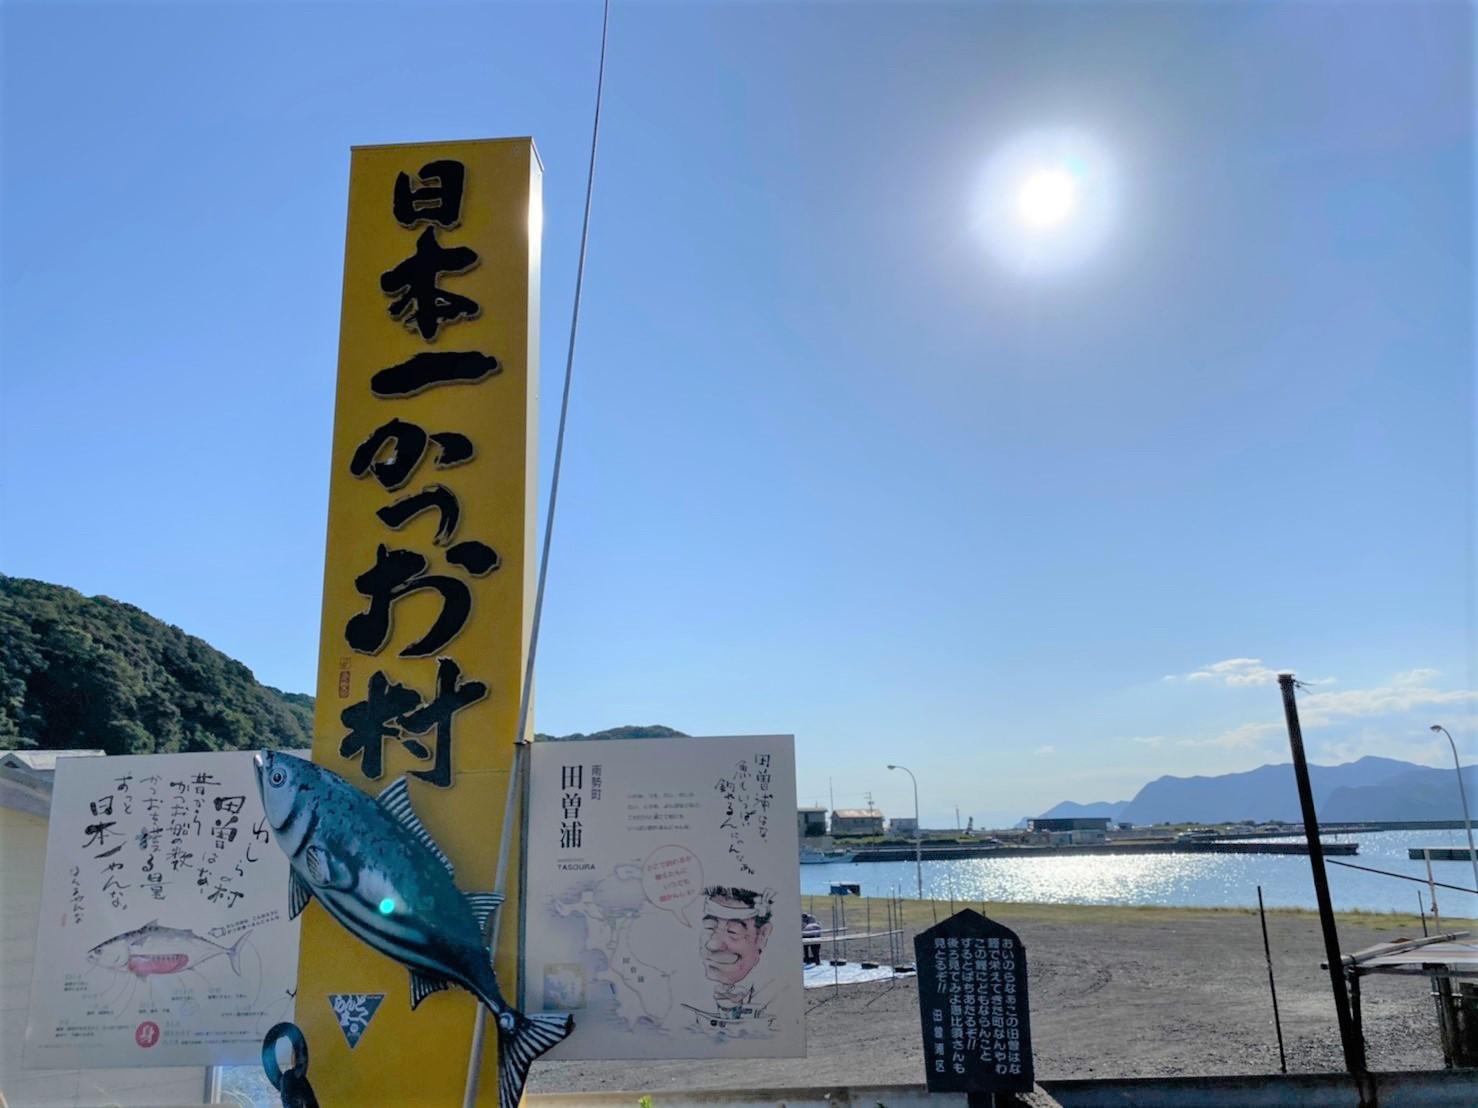 【三重県南伊勢町・人気スポット】『宿田曽漁港』の海釣りガイド(釣れる魚・駐車場・トイレ)